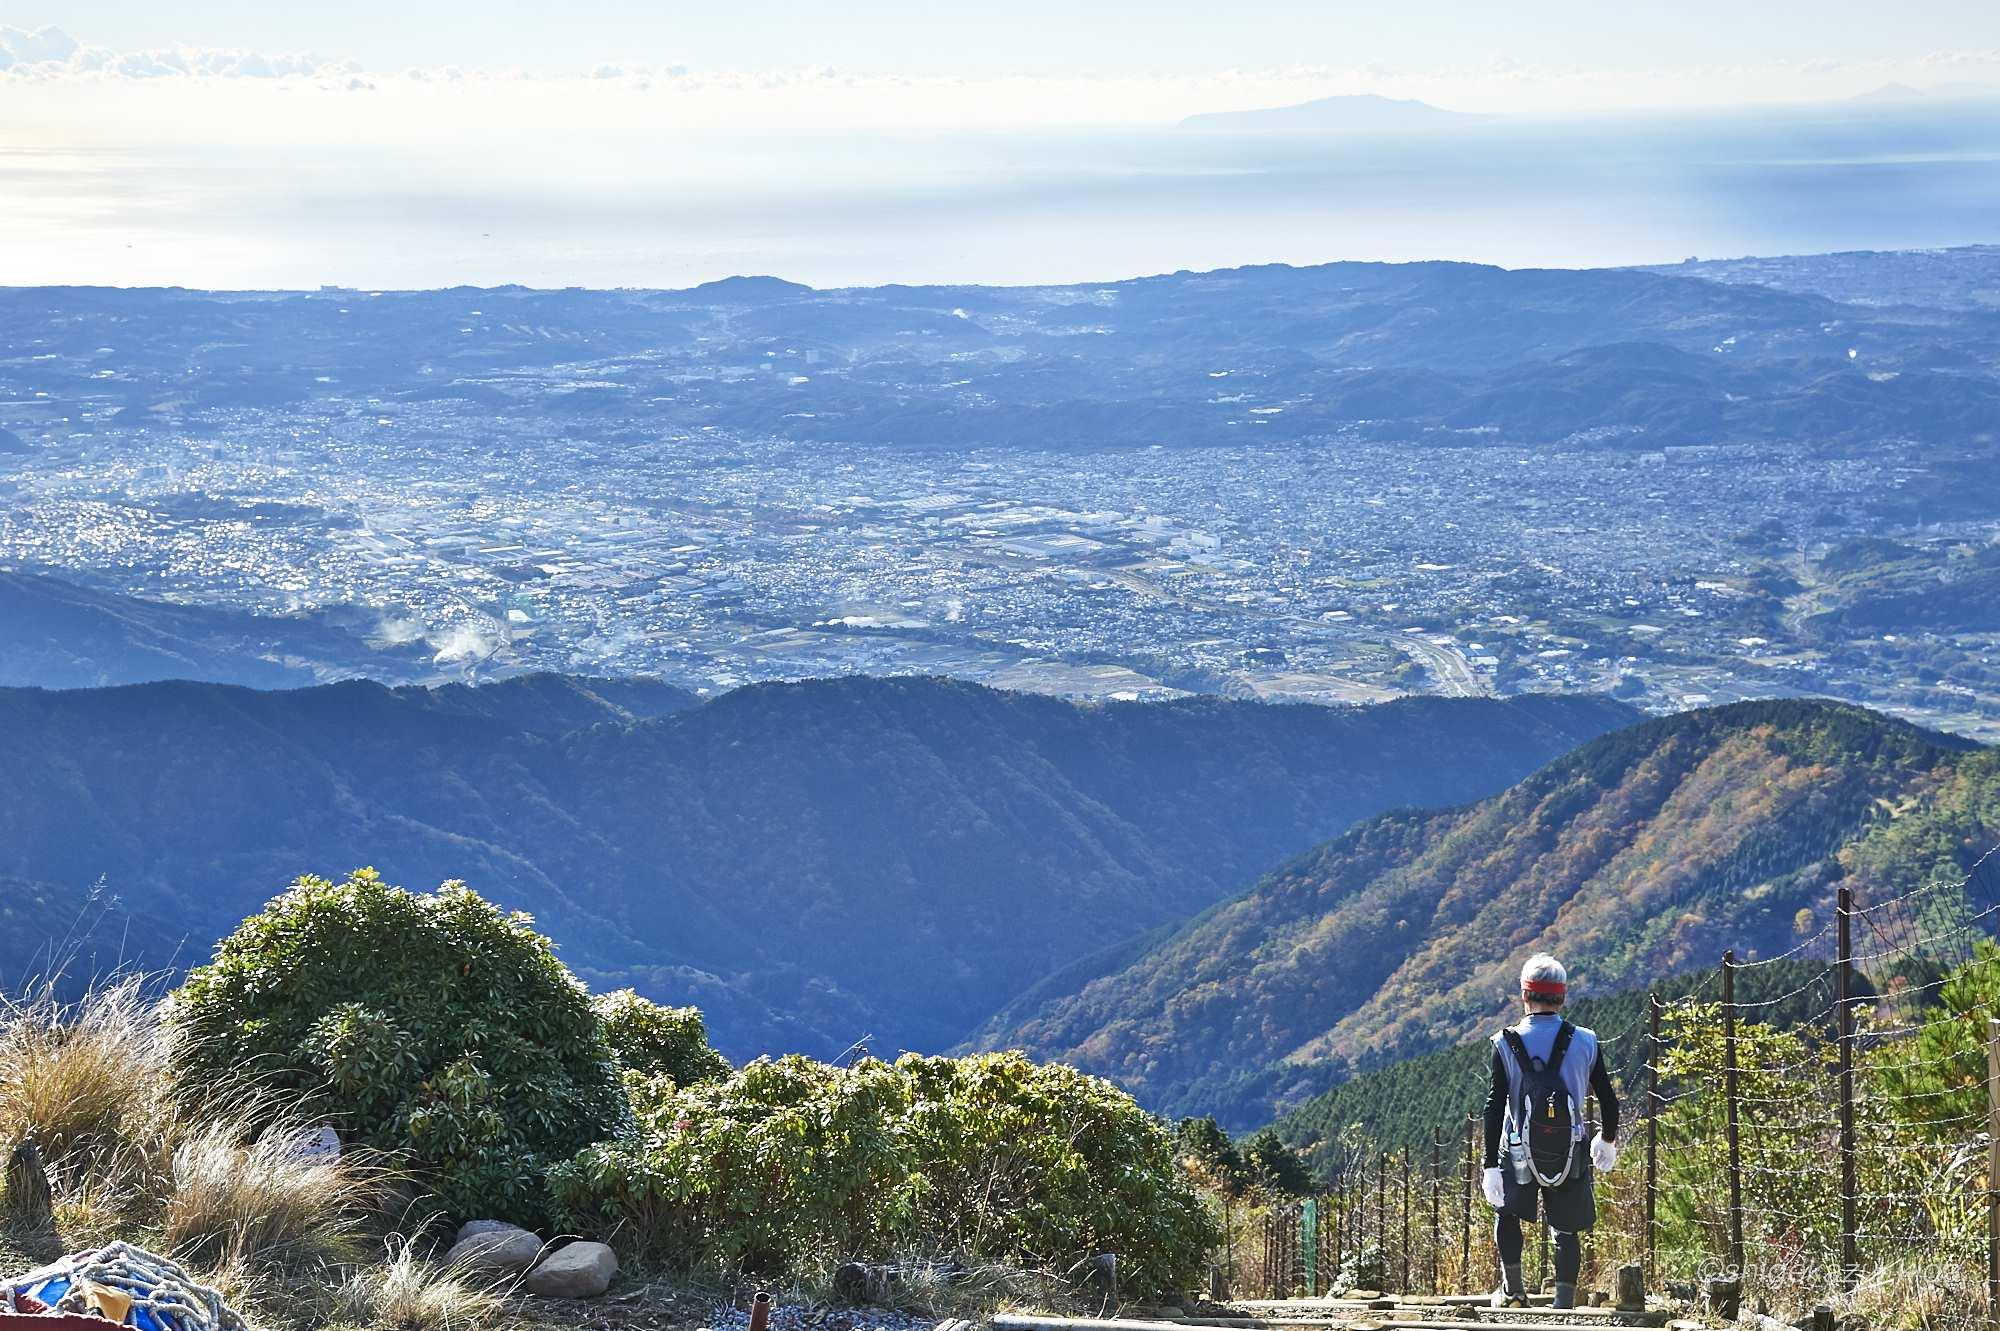 塔ノ岳からの風景と登山者